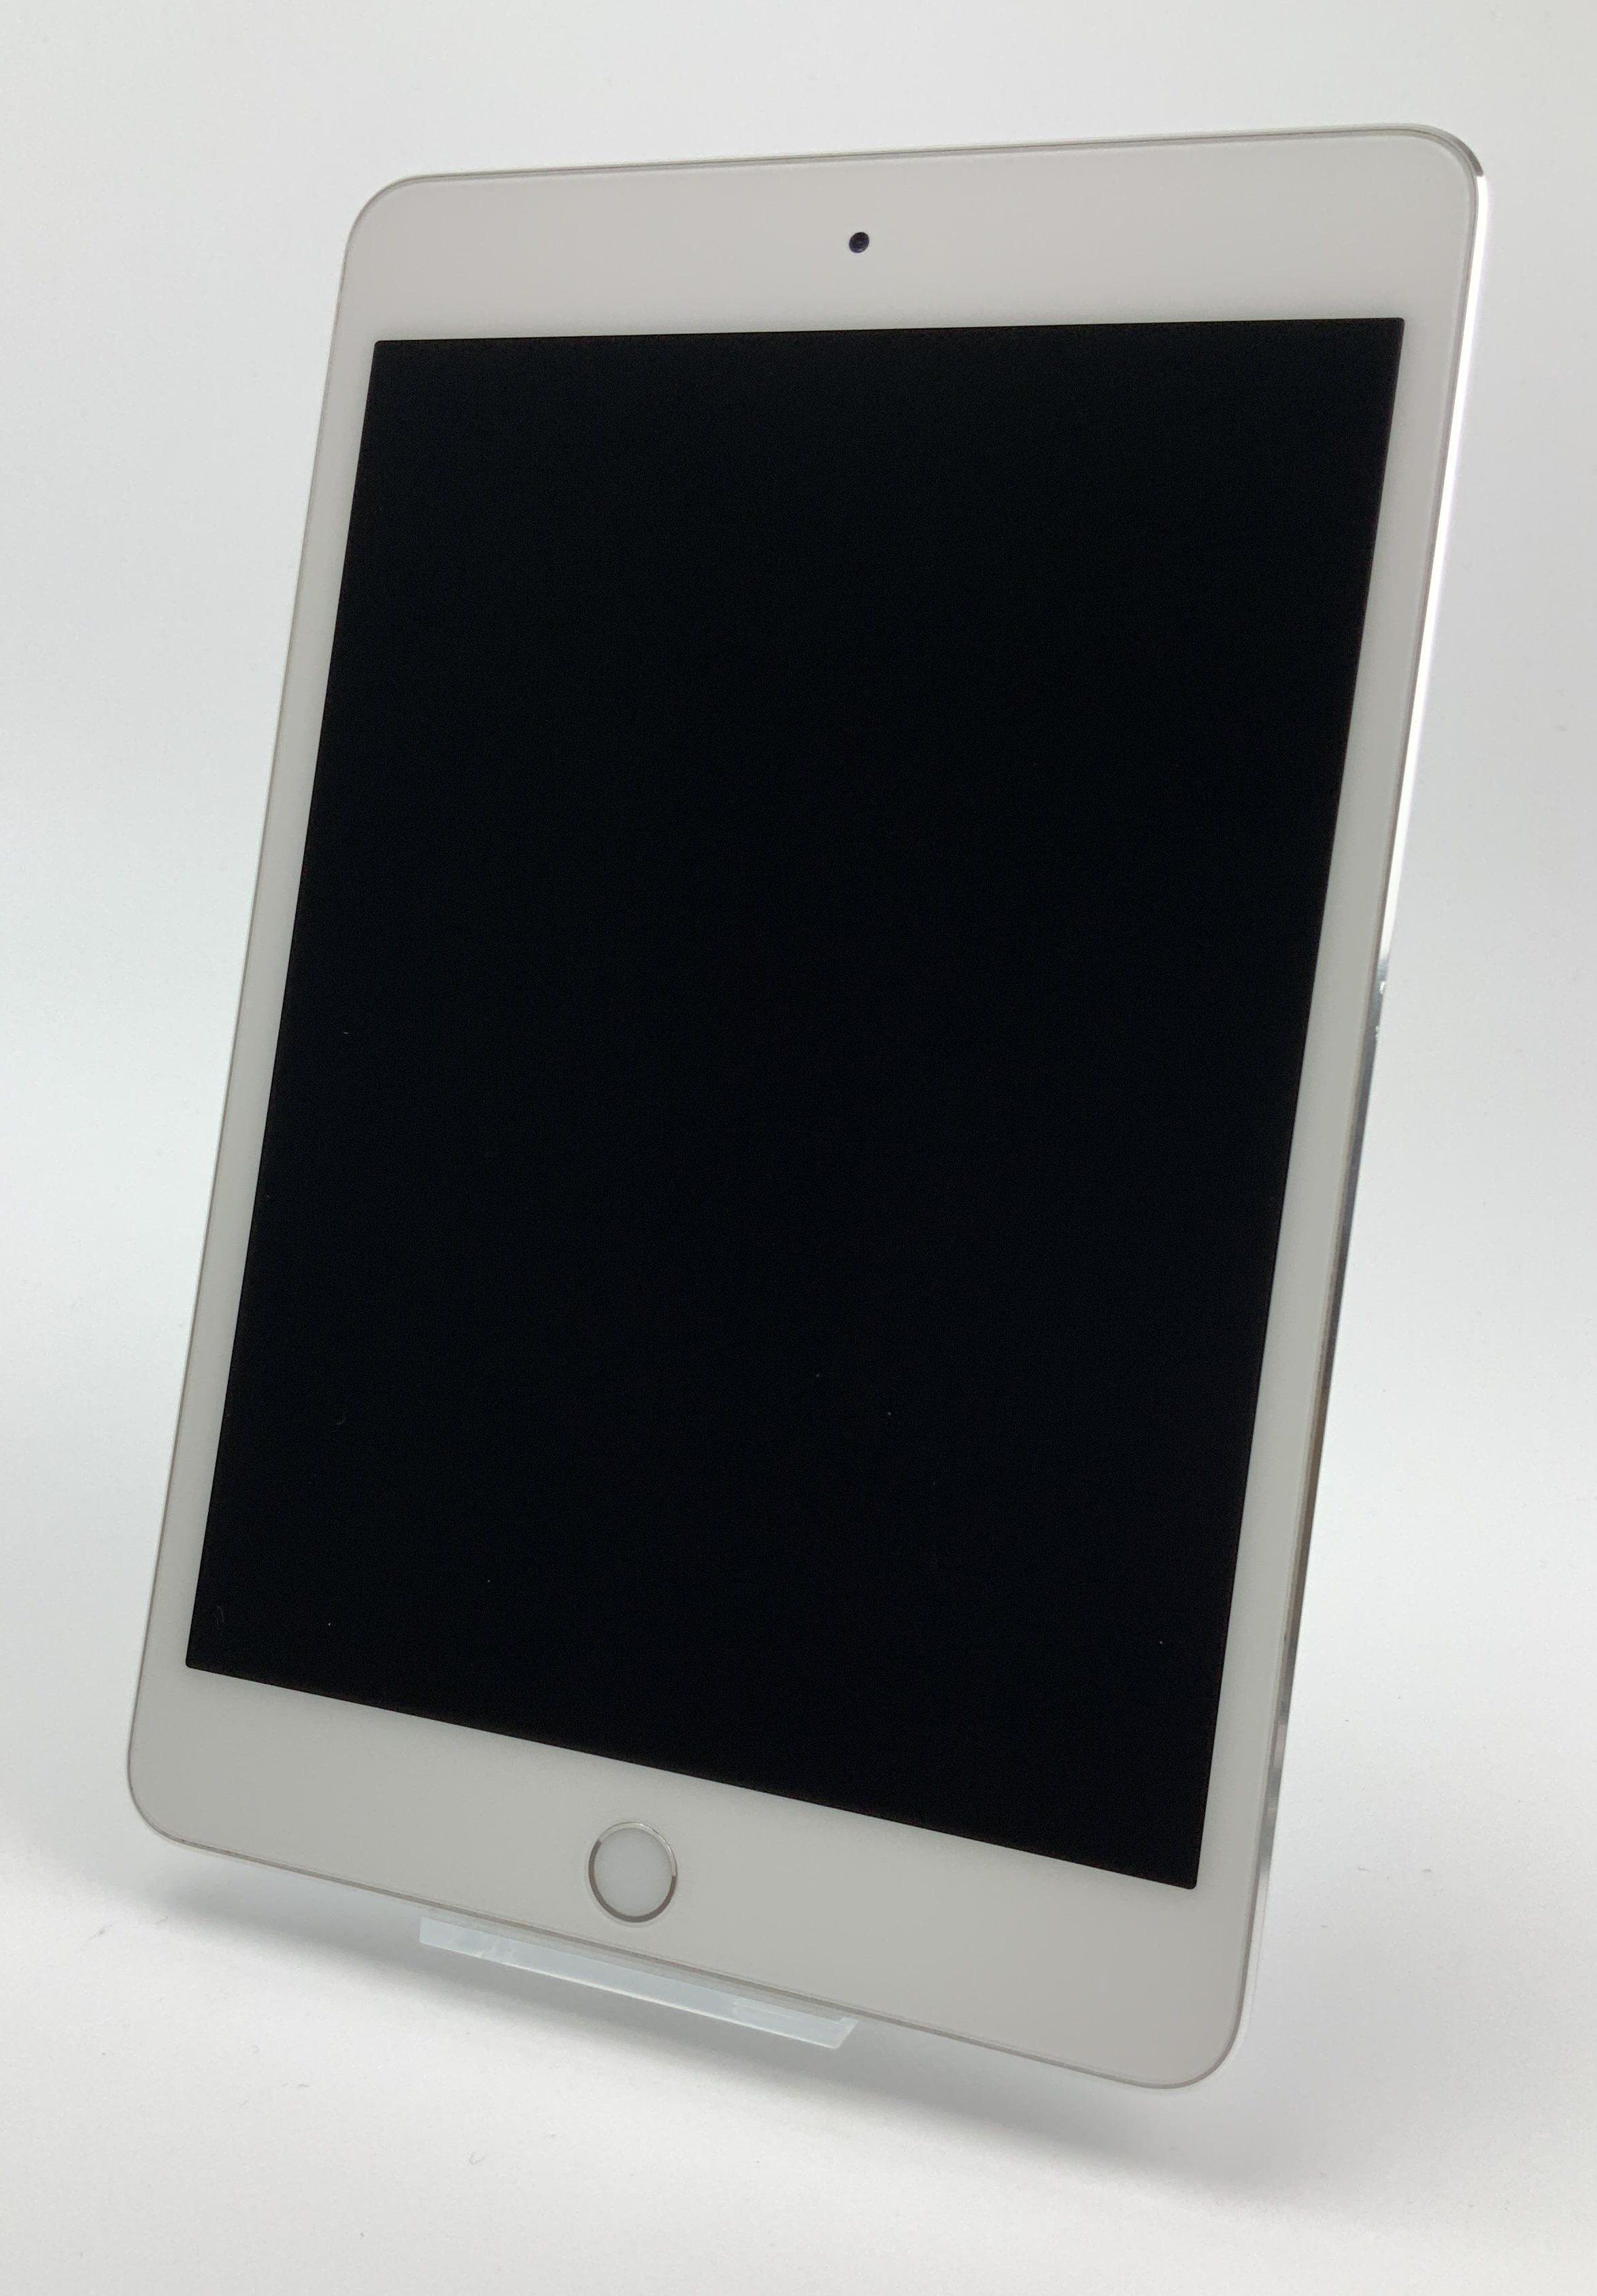 iPad mini 4 Wi-Fi 16GB, 16GB, Silver, image 1